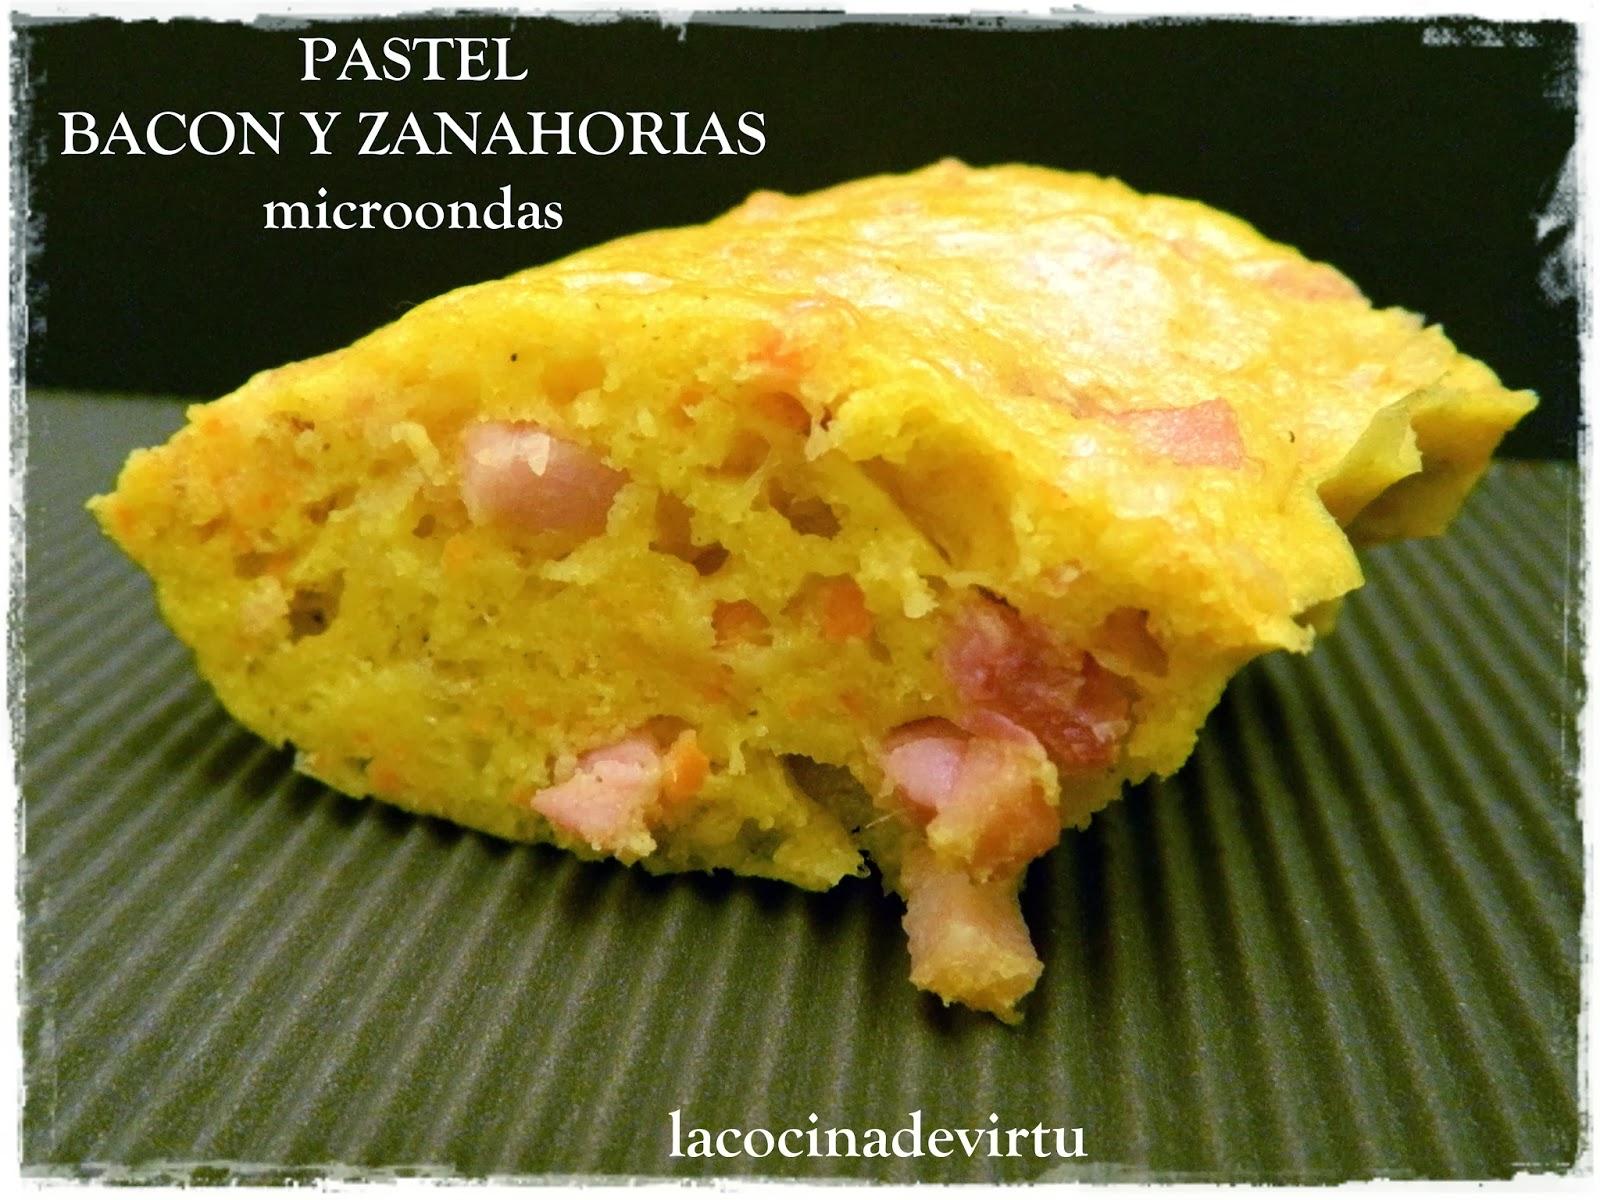 http://lacocinadevirtu.blogspot.com.es/2014/02/pastel-bacon-y-zanahoria-microondas.html